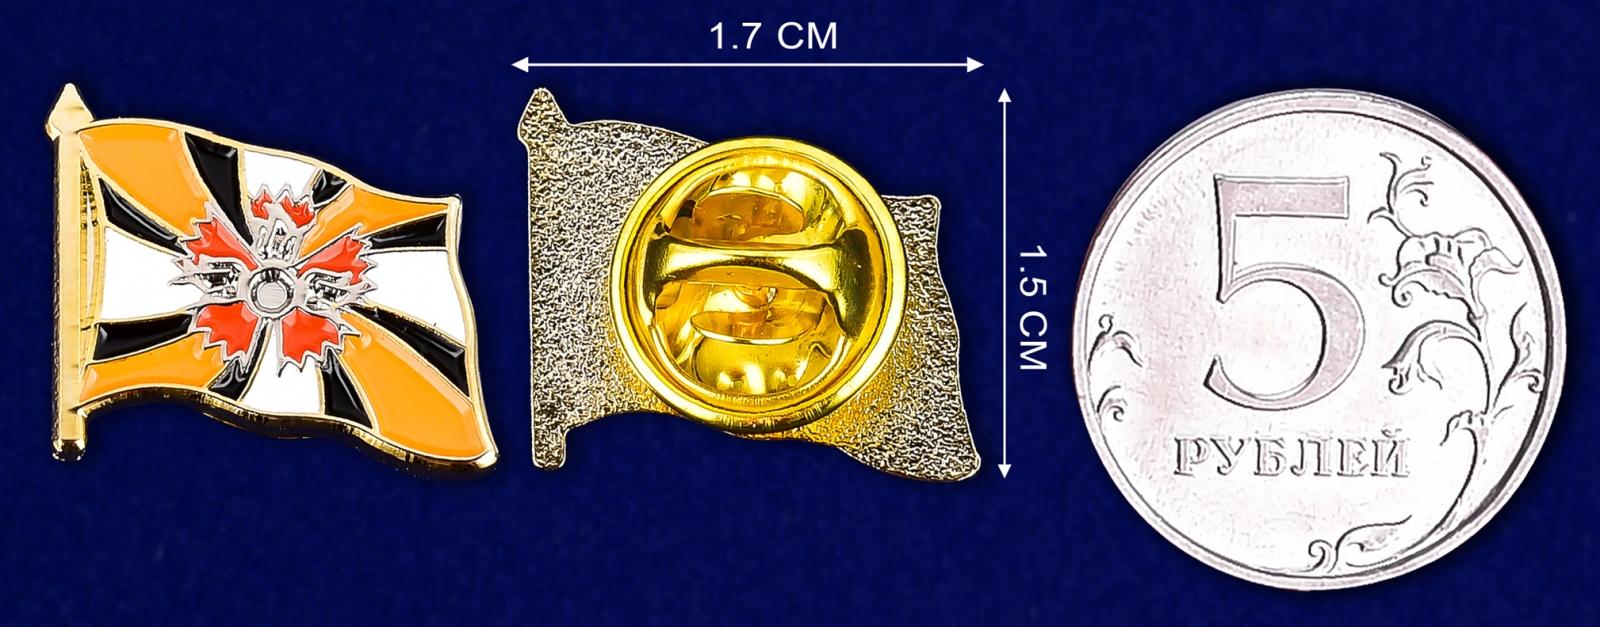 Значок разведывательных соединений и воинских частей-сравнительный размер